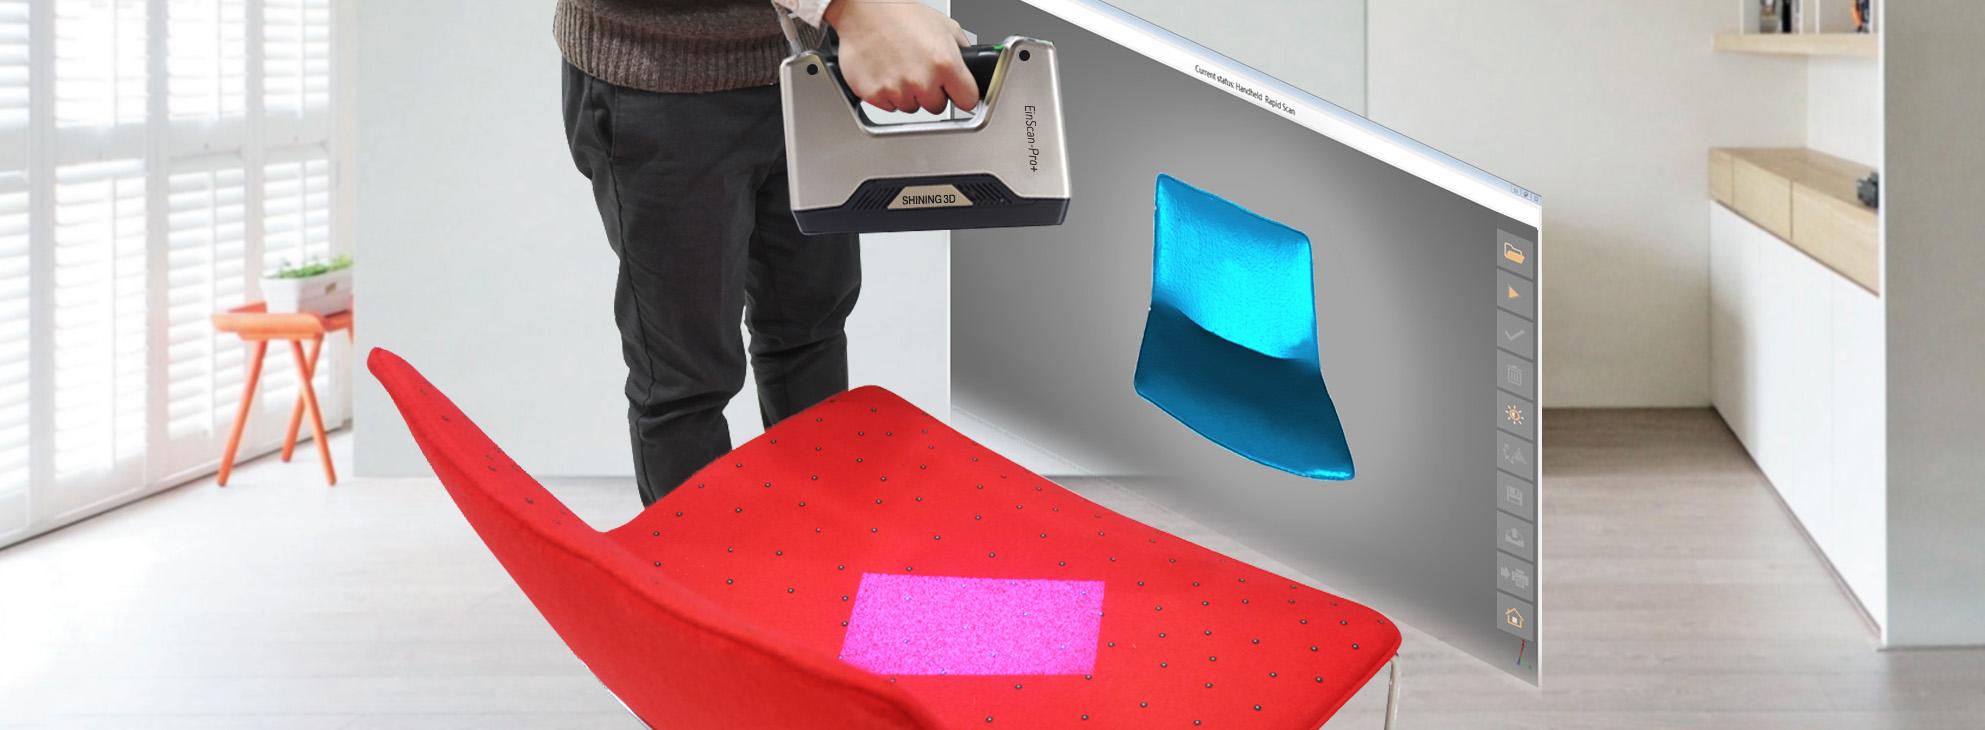 einscan-pro-plus-3d-scanner-03